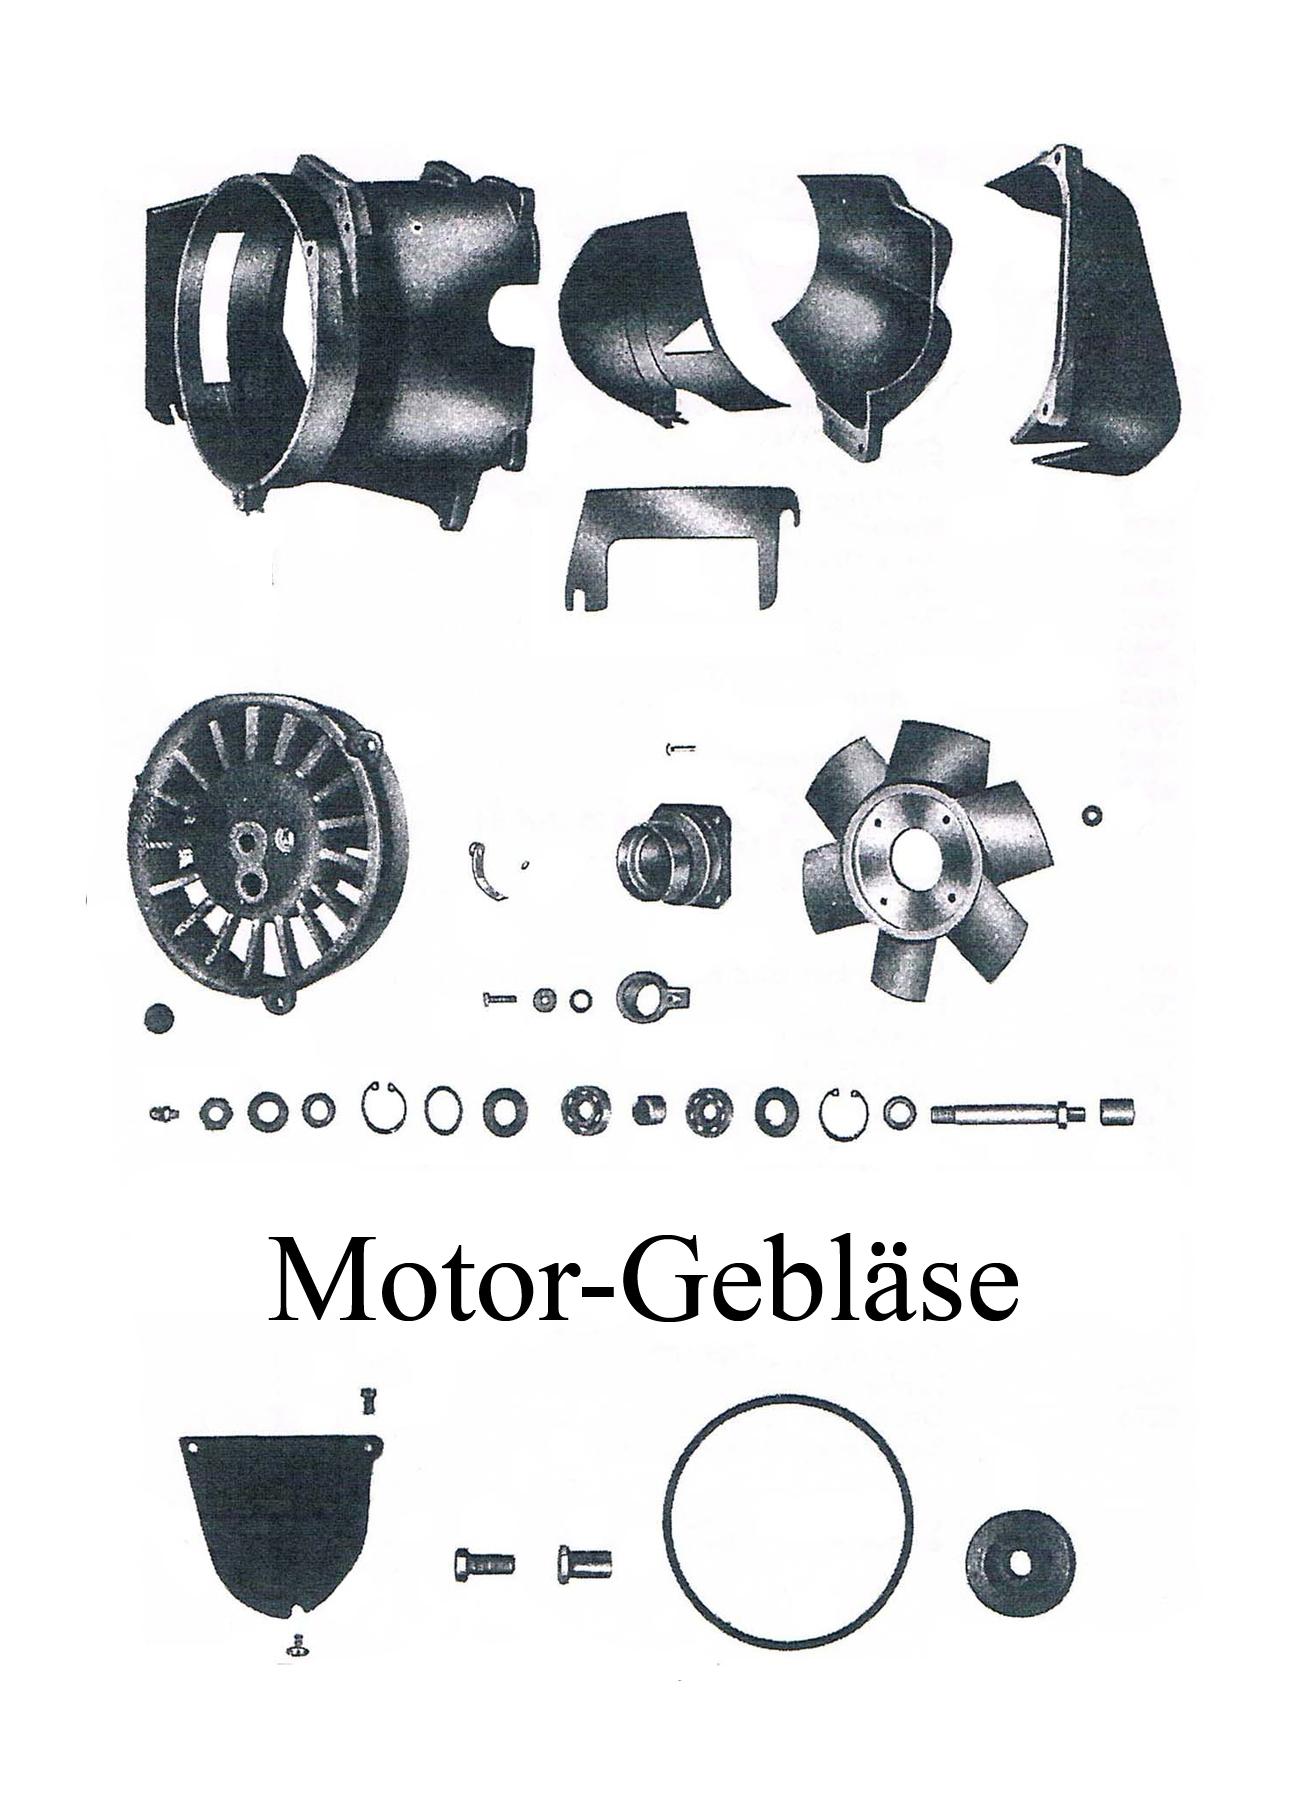 DDR-Motorrad IWL Berliner Roller SR 59 Ersatzteileliste Motor Gebläse Keilriemenscheibe Lager Gummistopfen